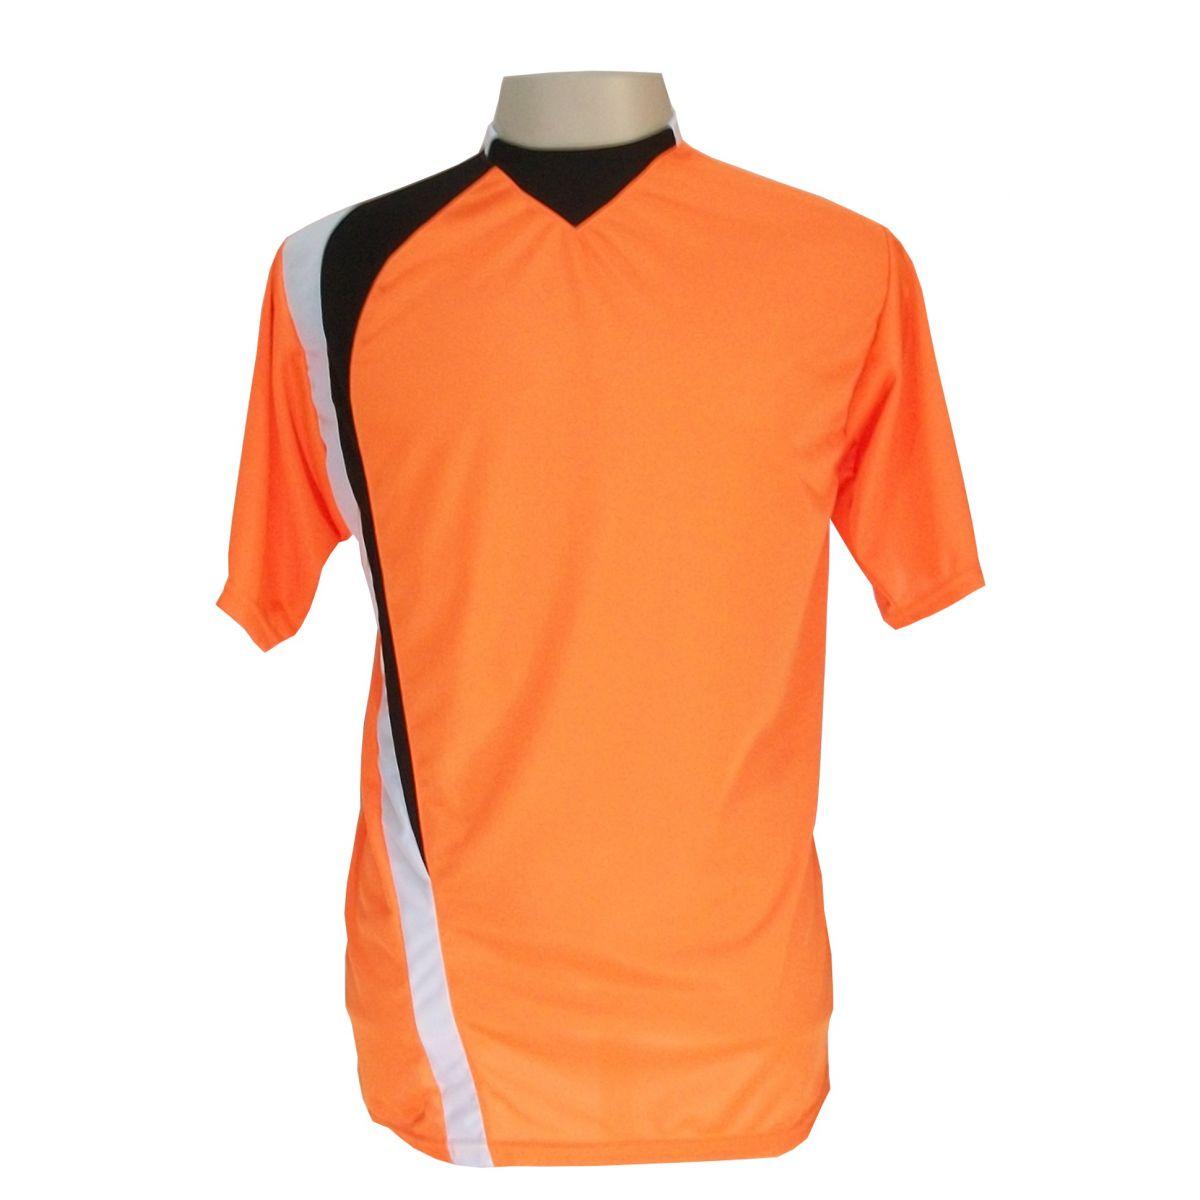 Uniforme Esportivo Completo modelo PSG 14+1 (14 camisas Laranja/Preto/Branco + 14 calções Madrid Preto + 14 pares de meiões Pretos + 1 conjunto de goleiro) + Brindes